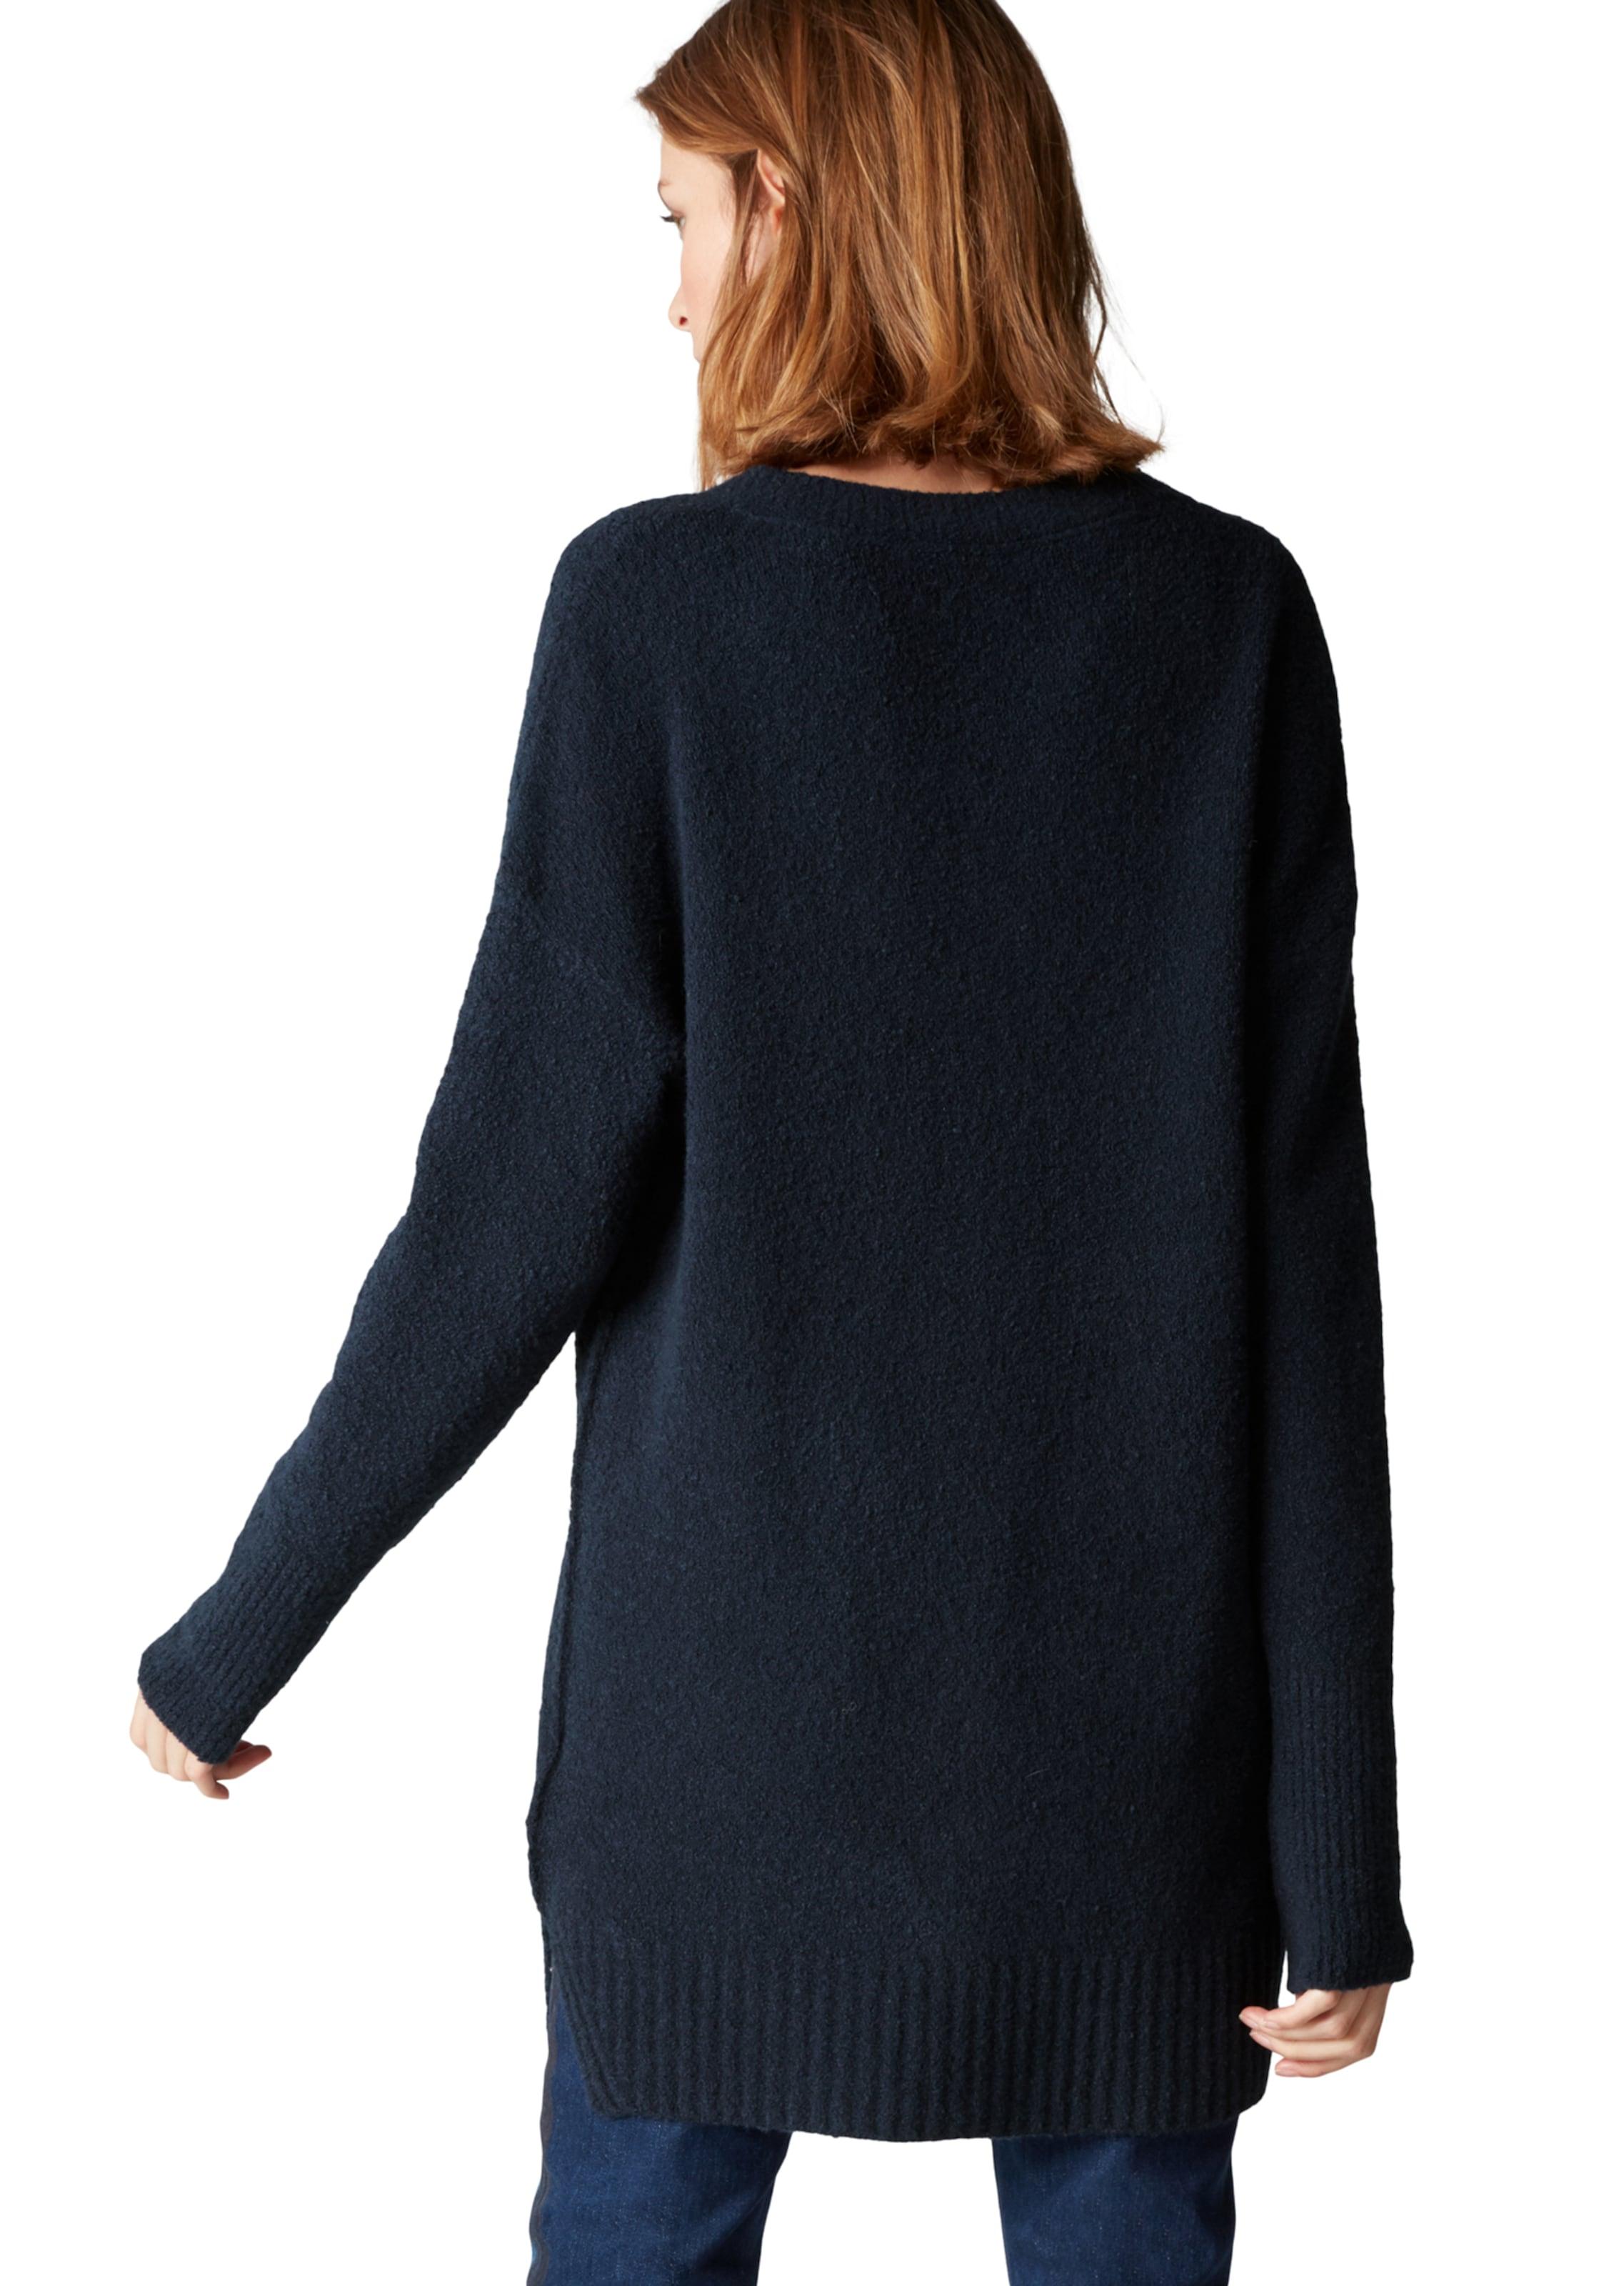 O'polo O'polo Pullover Pullover O'polo Marc In Marc Marc Nachtblau Pullover In In Nachtblau v0w8nOmN